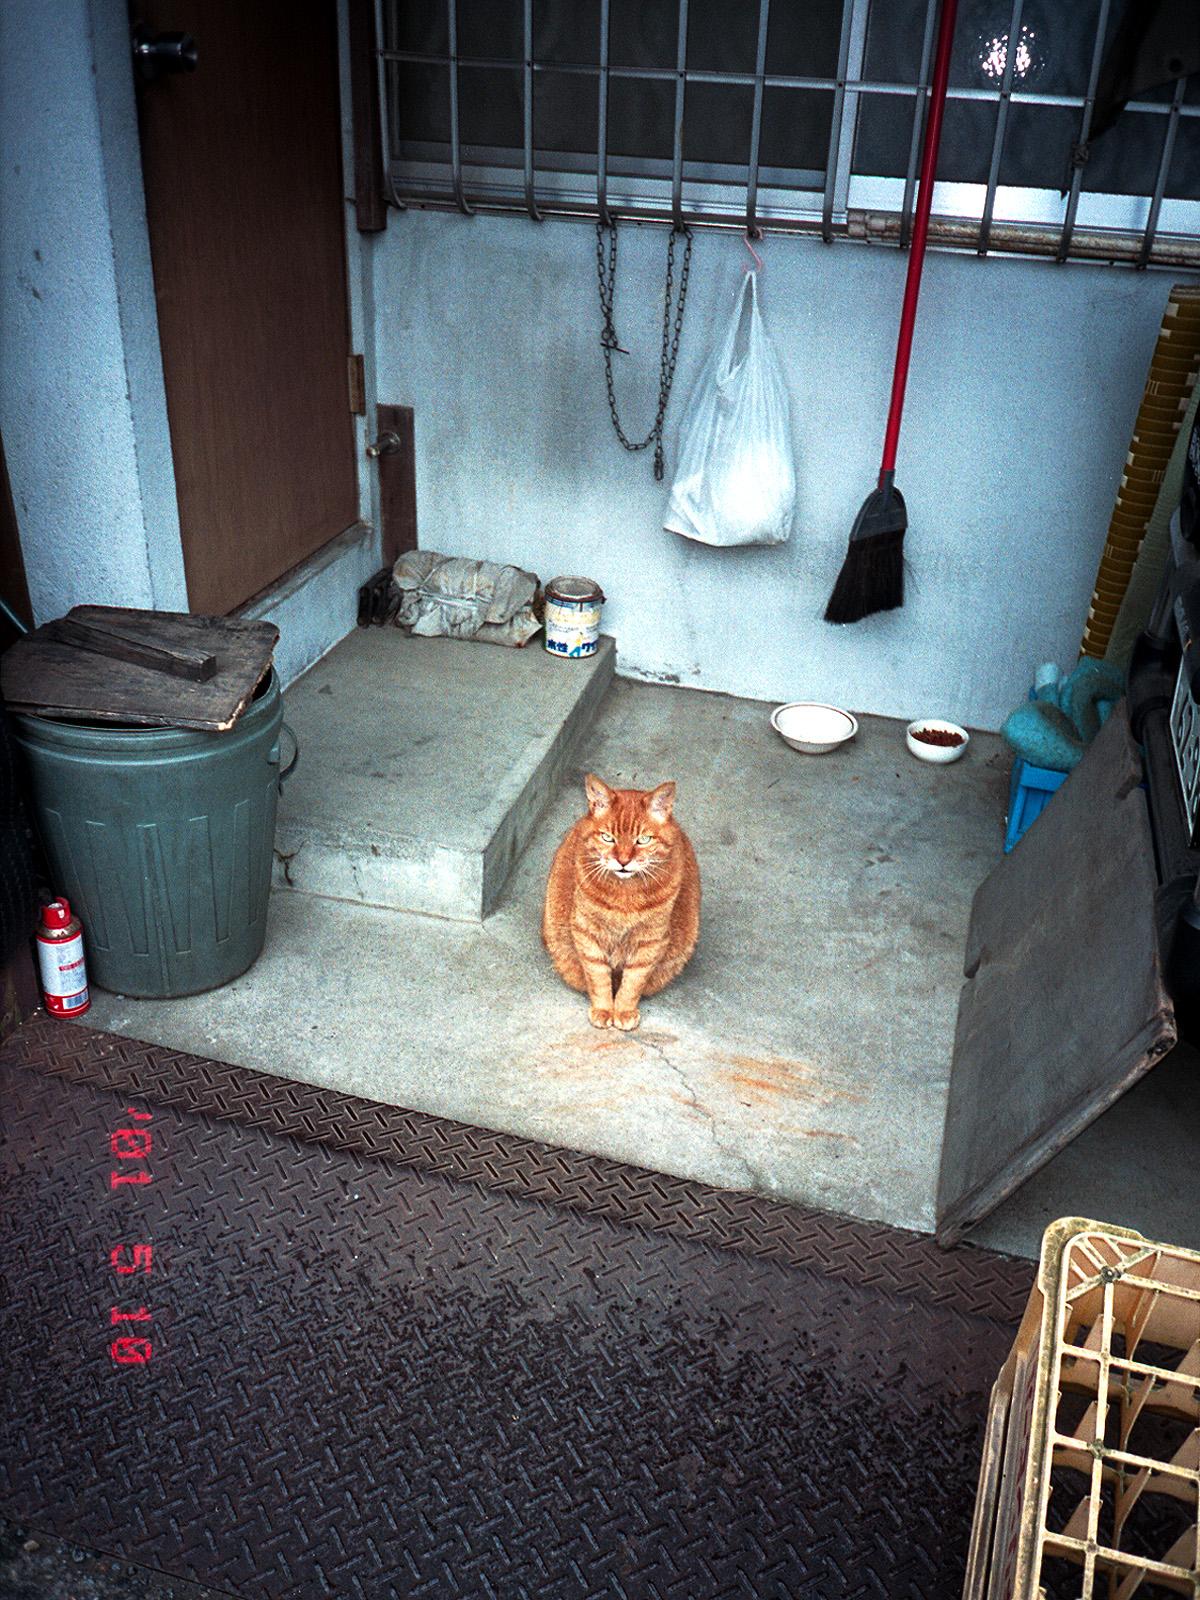 063_1 矢来町のナナちゃん 新宿区矢来町80 20010518(2001.5.10-3)